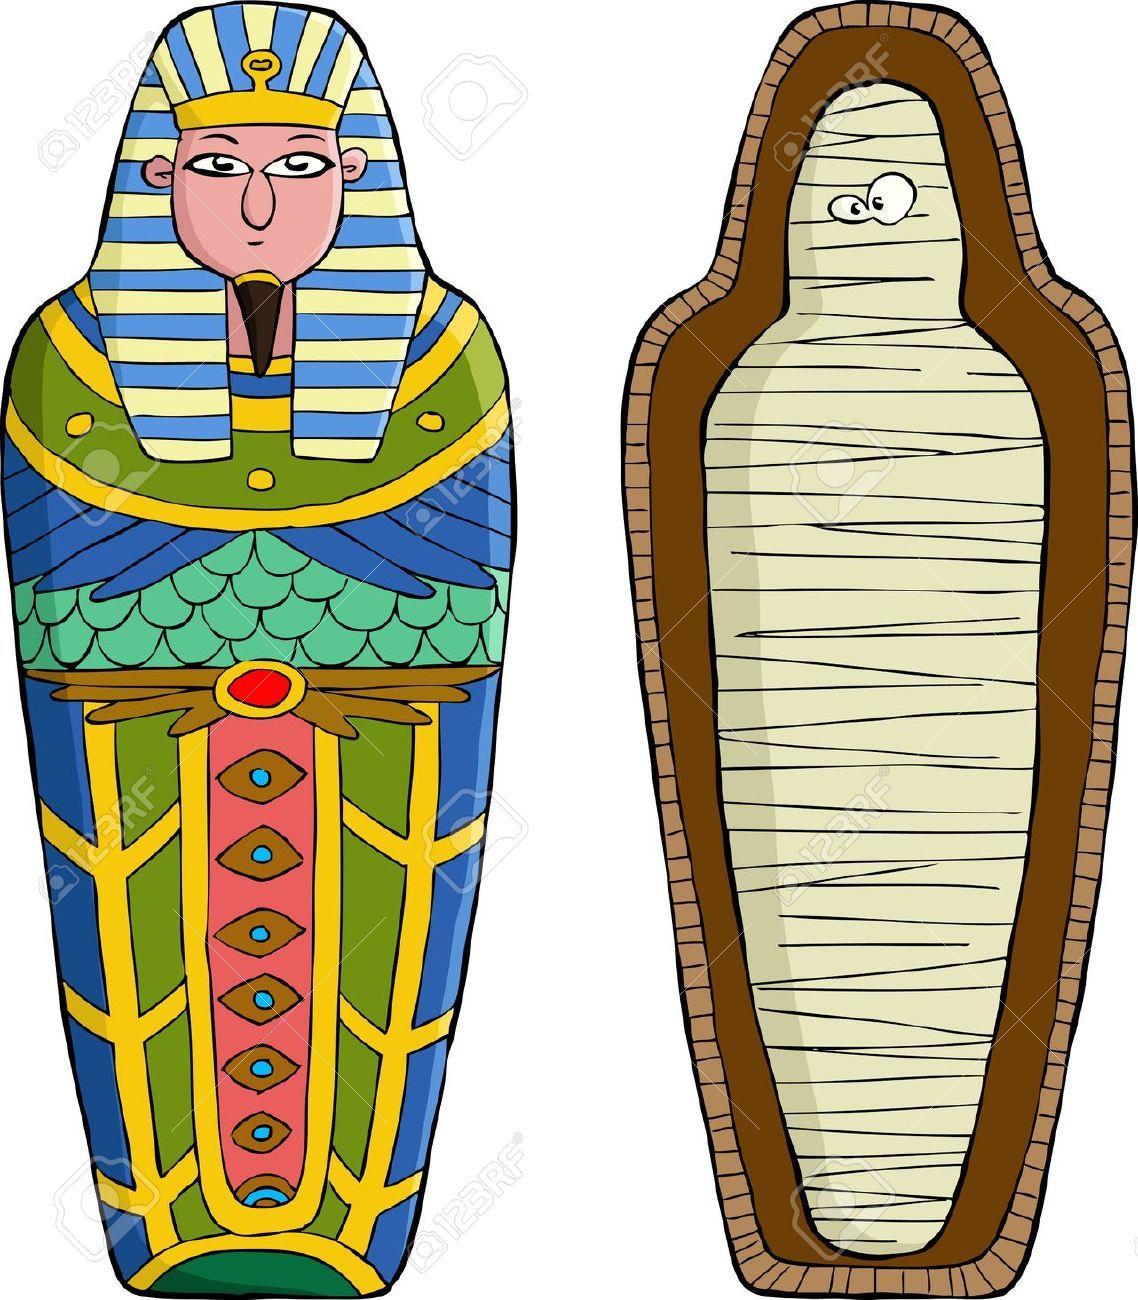 Image Sarcophage Banque D Images Vecteurs Et Illustrations Libres De Droits Egyptian Mummies Egyptian Drawings Egyptian